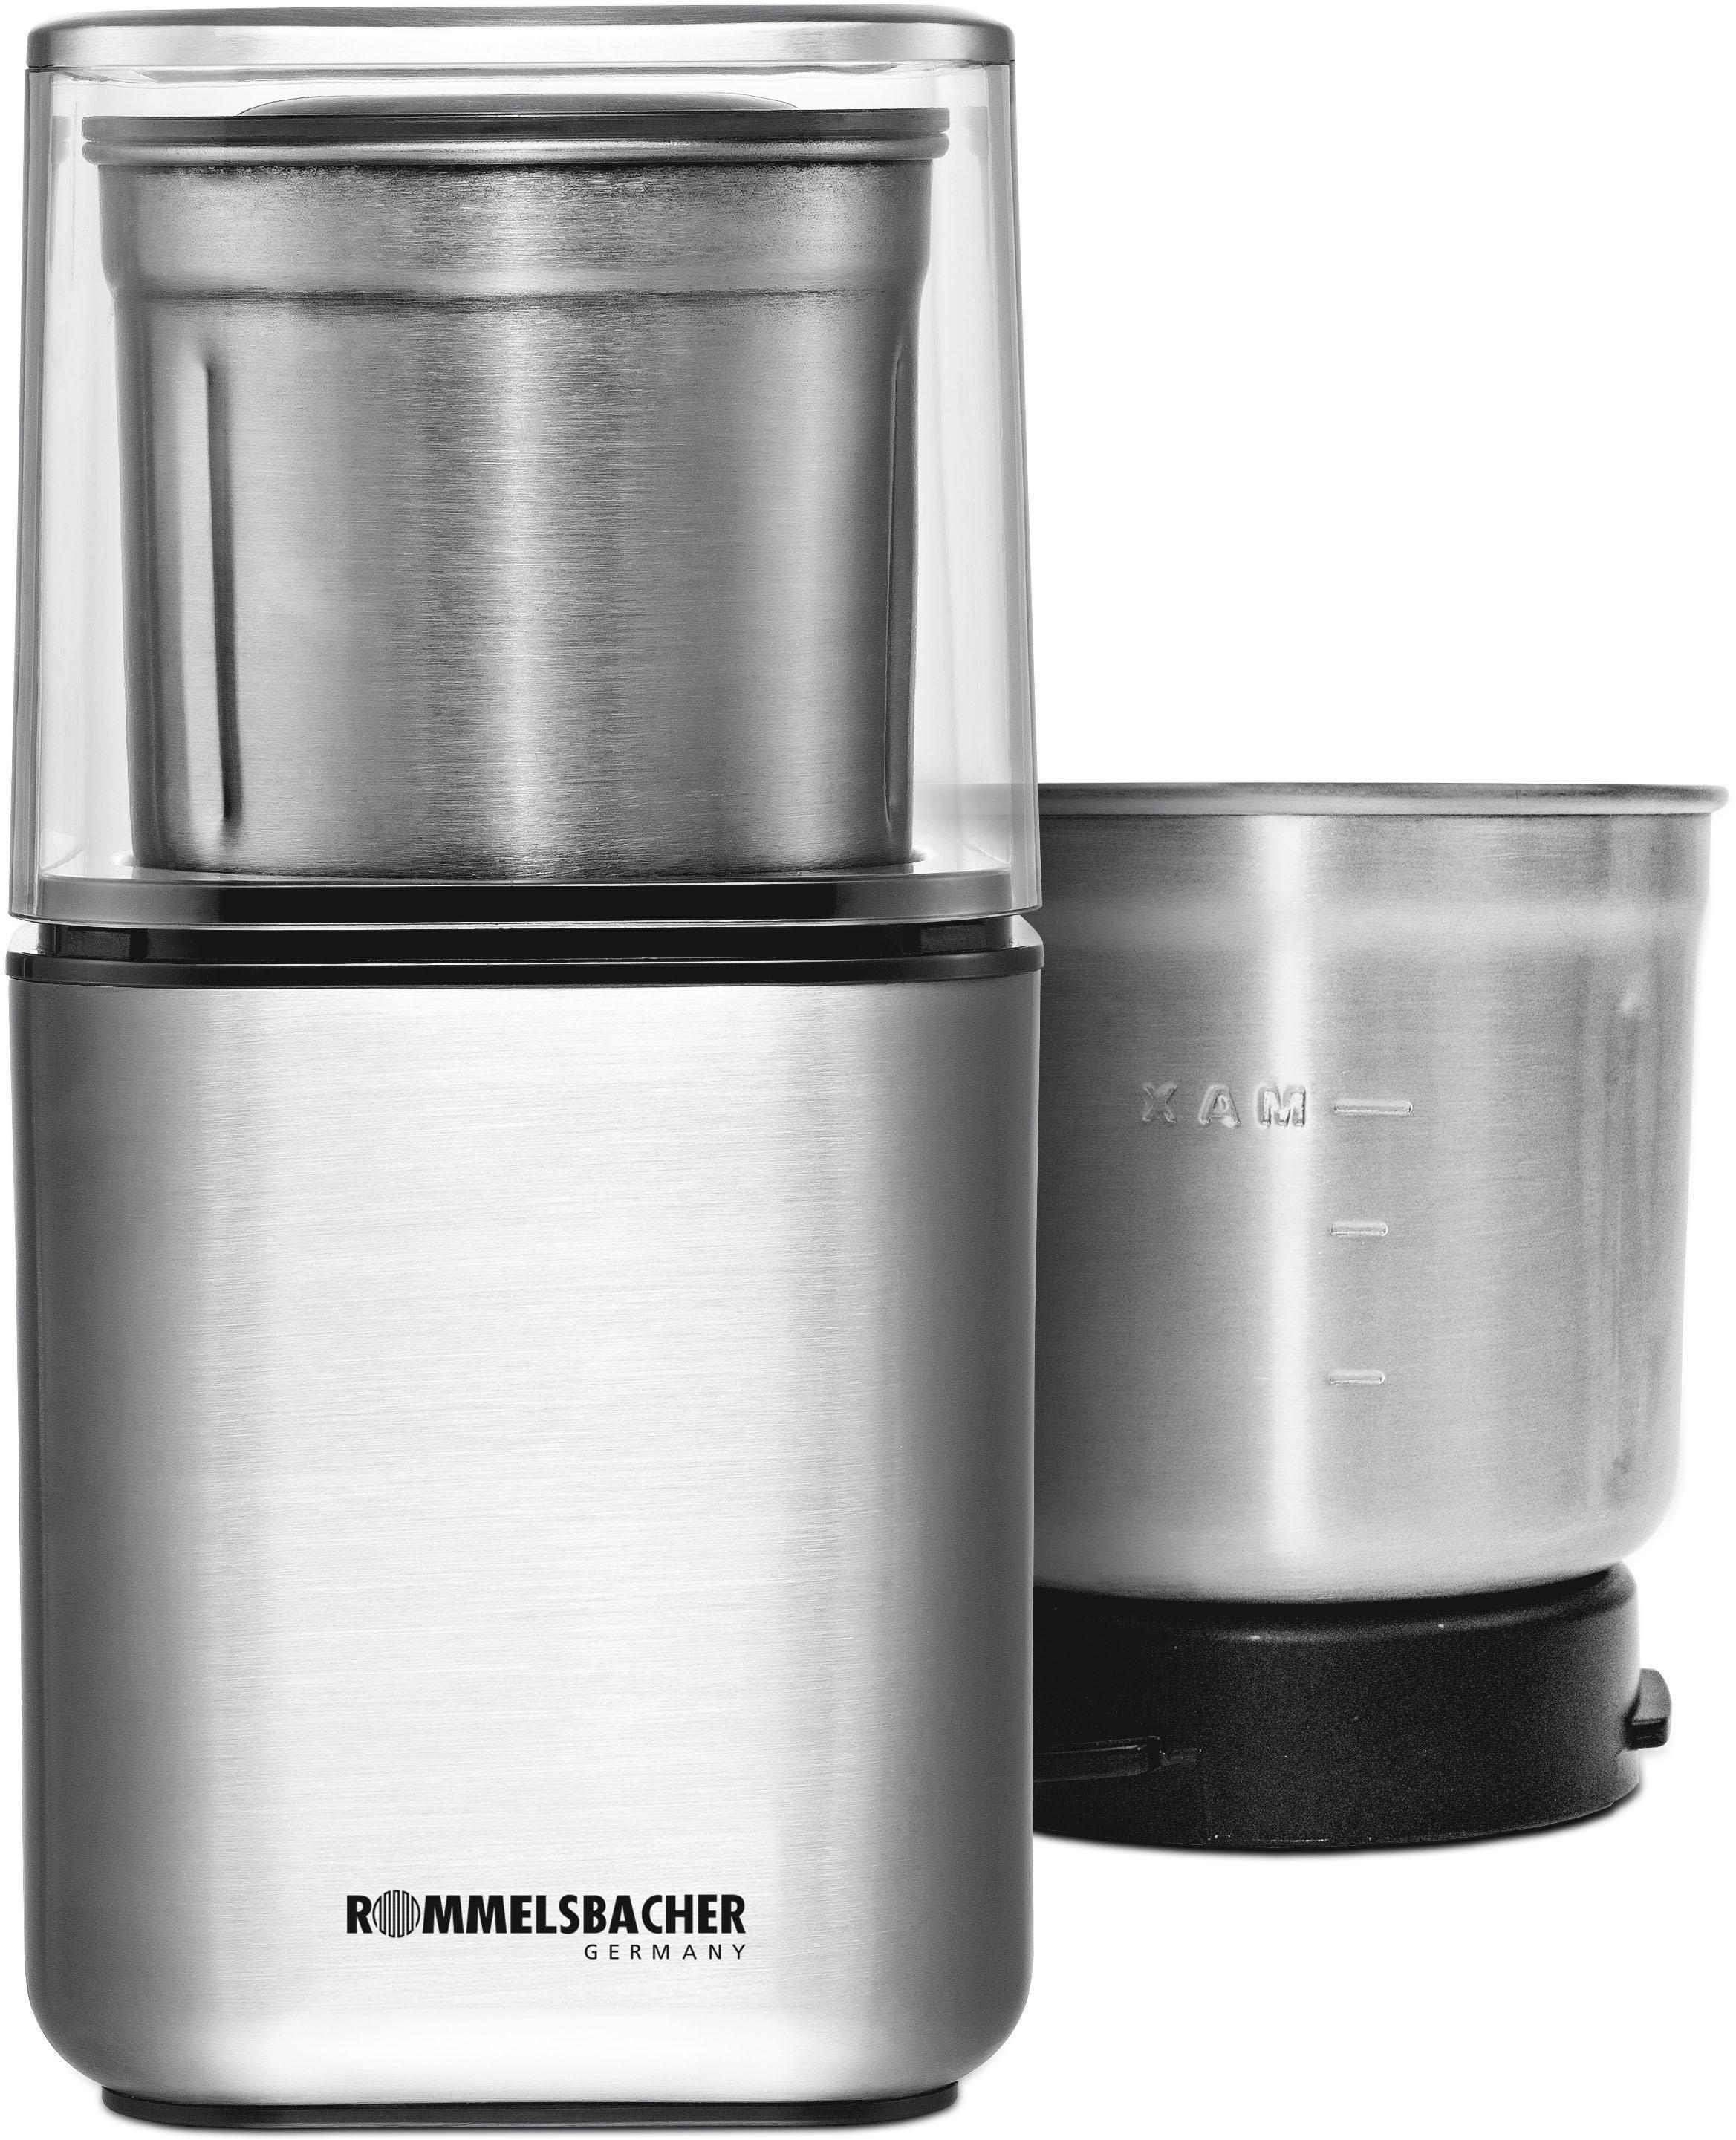 Kaffeemühle EGK 200, 200 W, 70 g Bohnenbehälter